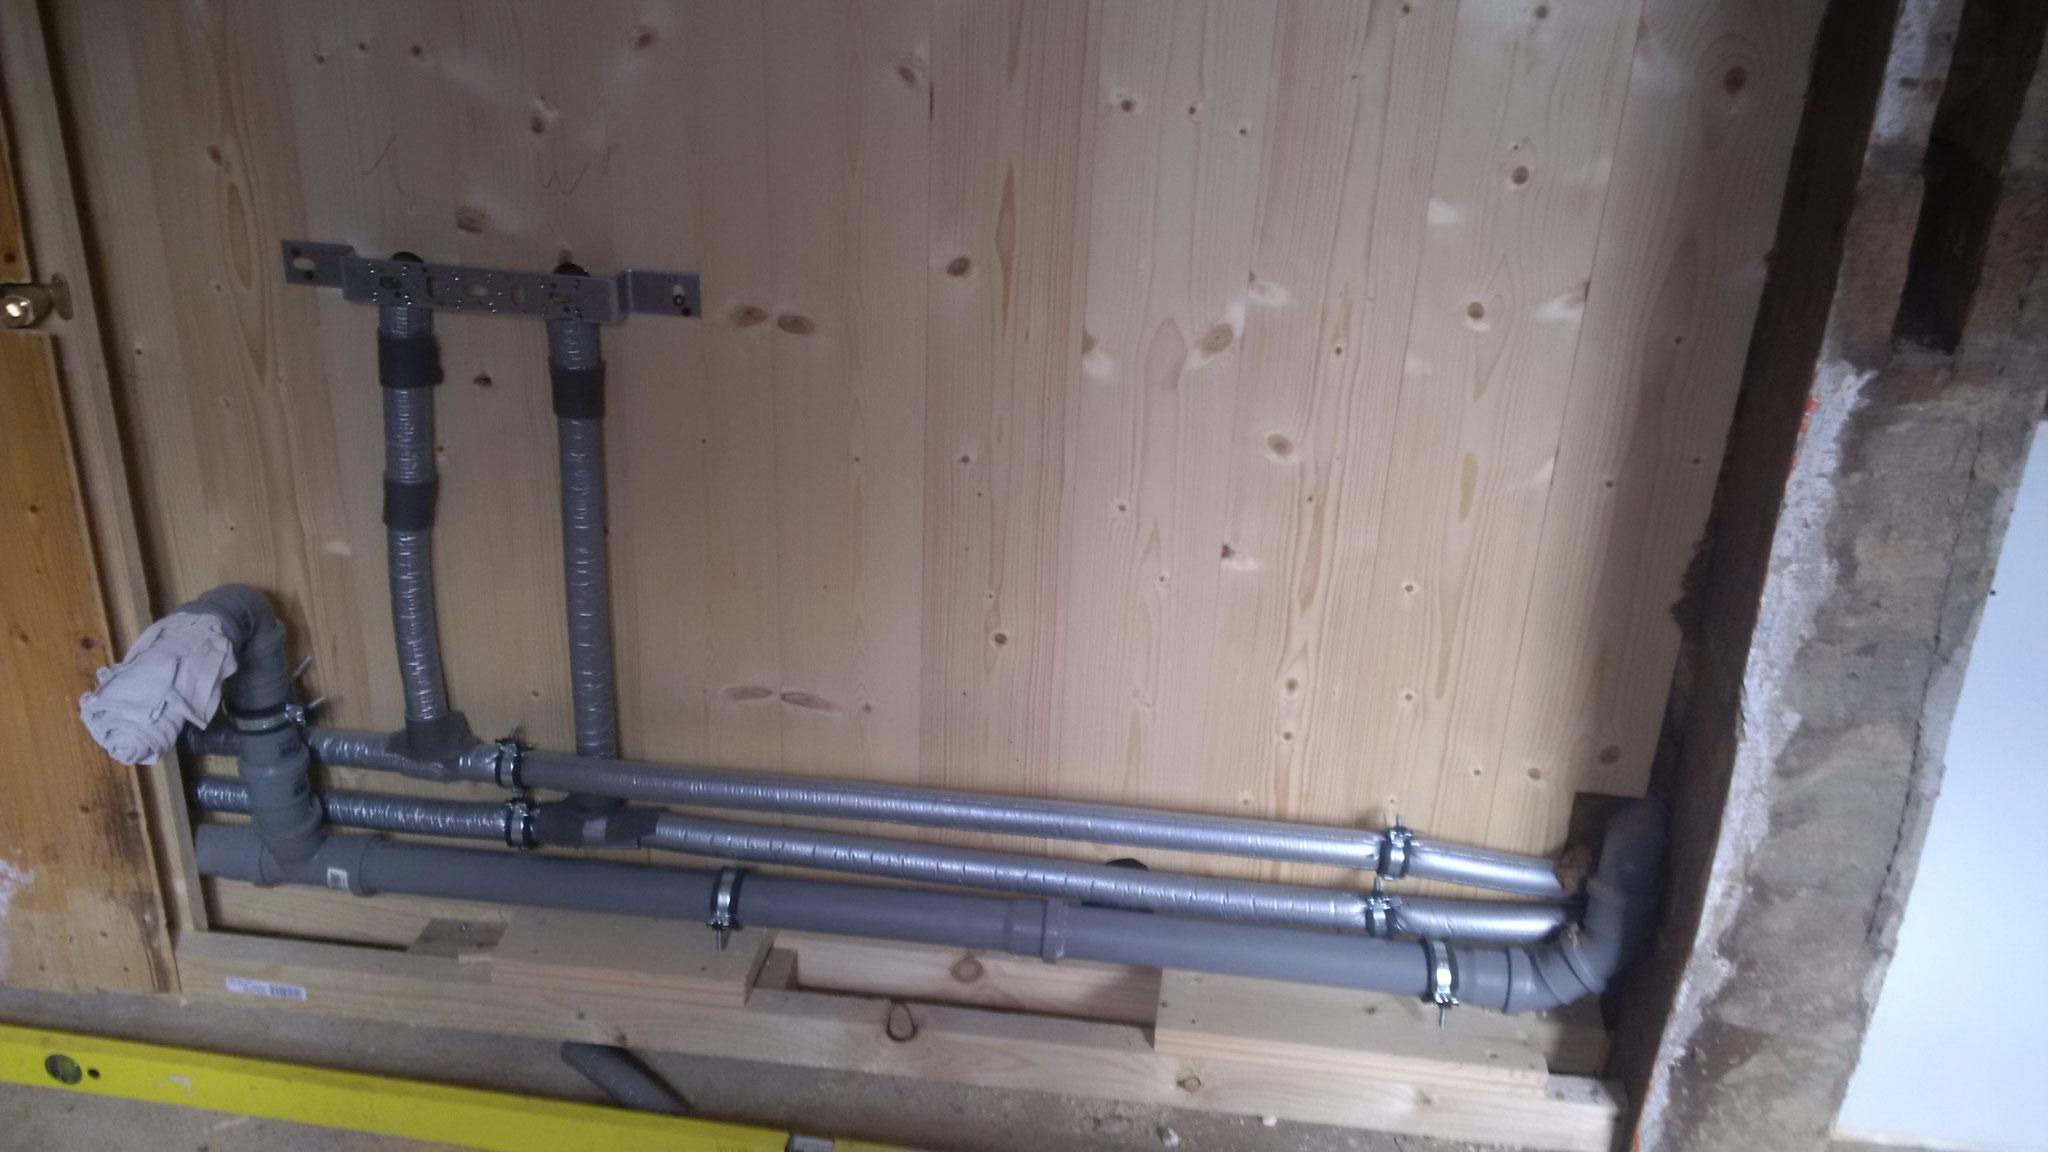 In der Wand zum HWR liegen die Rohrleitungen und Anschlüsse von Wanne (Bad), Waschmachine (HWR) und Spülbecken (Küche).